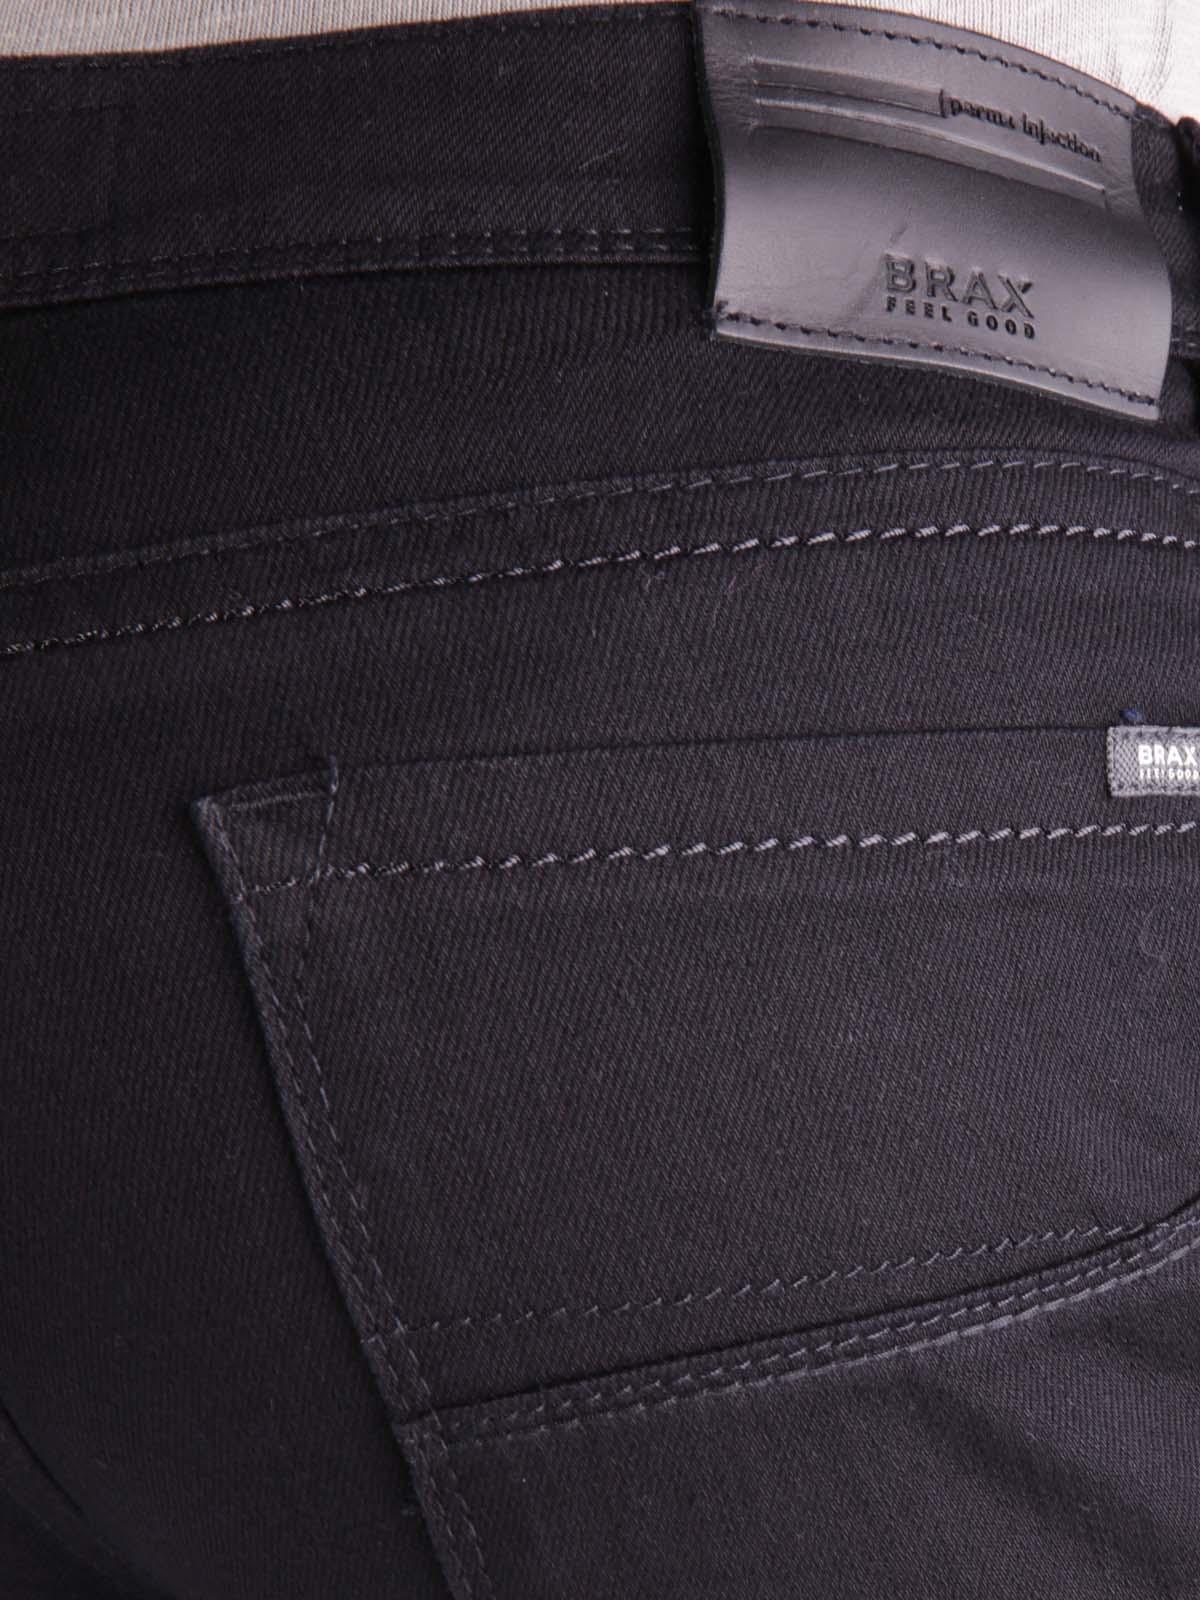 kostengünstig erster Blick Shop für echte Brax Cadiz Jeans perma black W31/L32